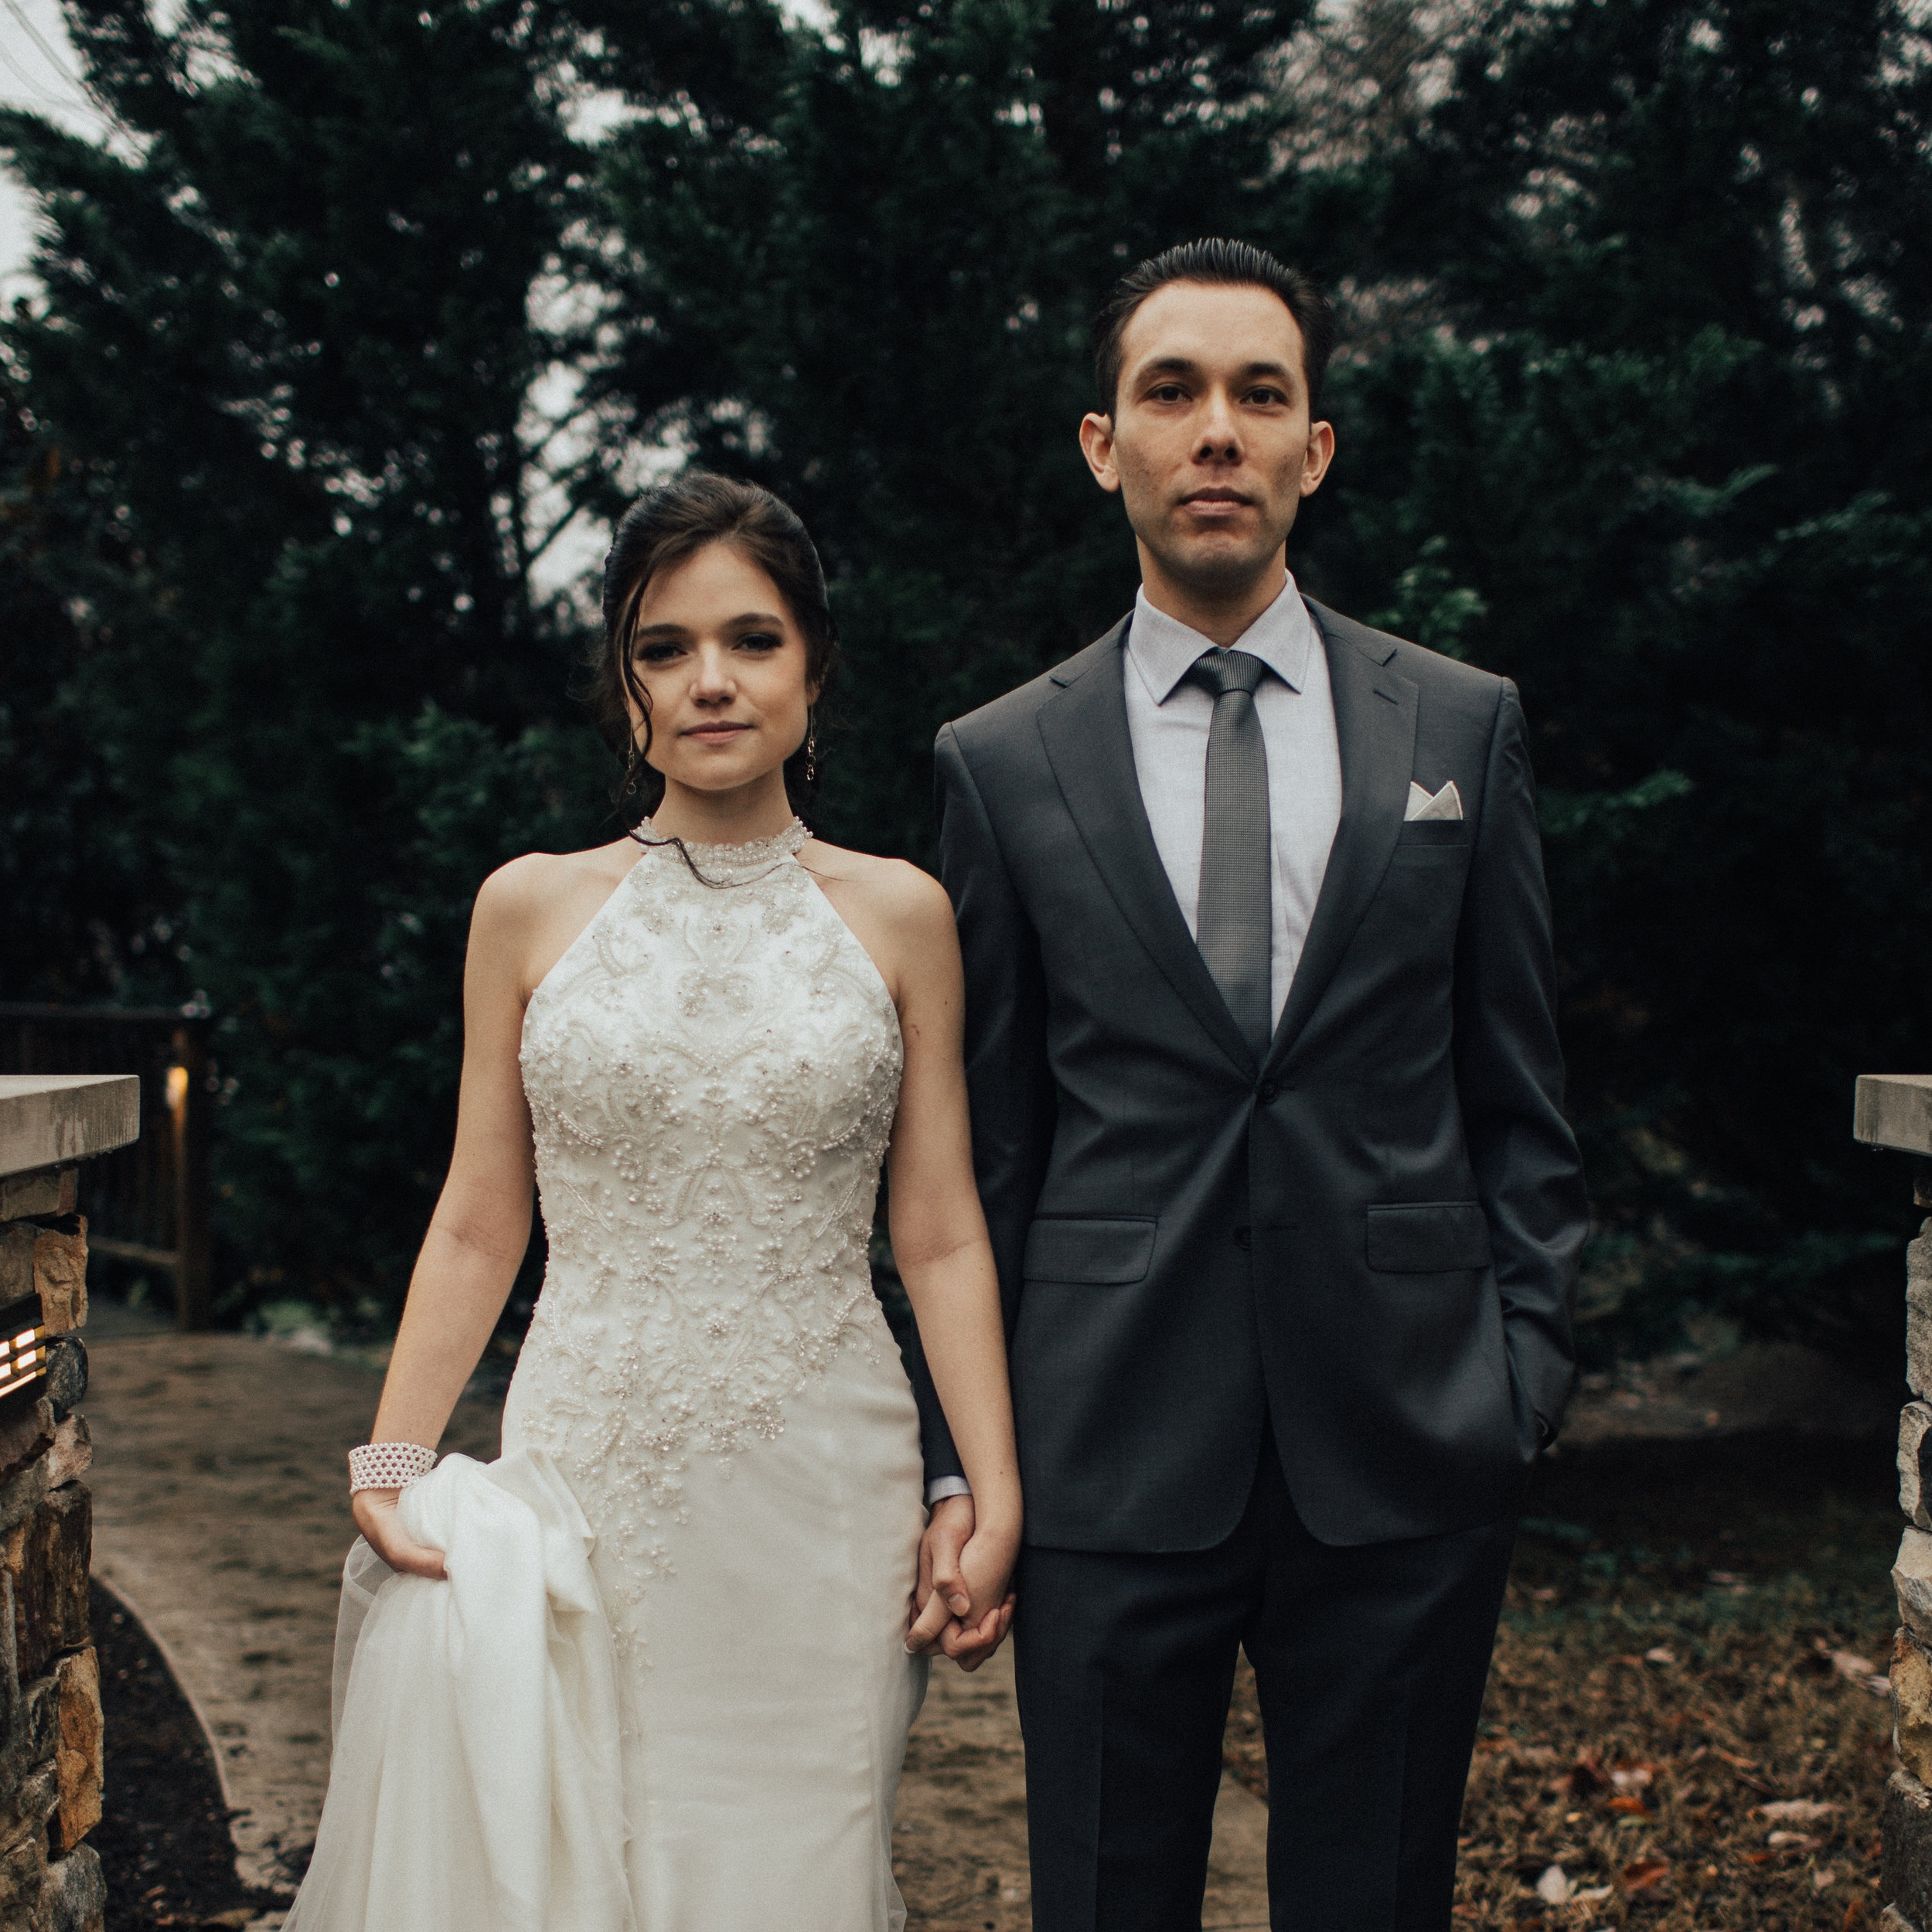 Loveless-cafe-Nashville-Wedding-Photographer